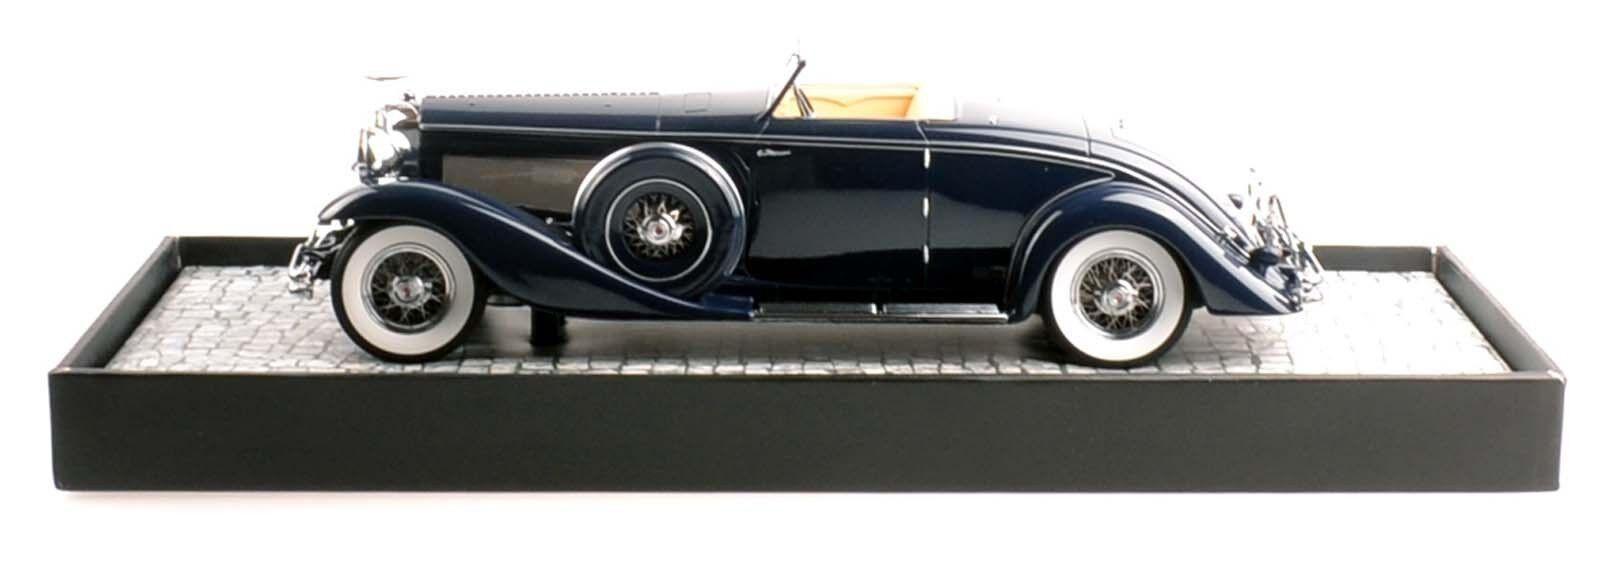 MINICHAMPS 107150332 DUESENBERG SJN convertible coupé 1936 bleu 1 18 Nouveau Neuf dans sa boîte